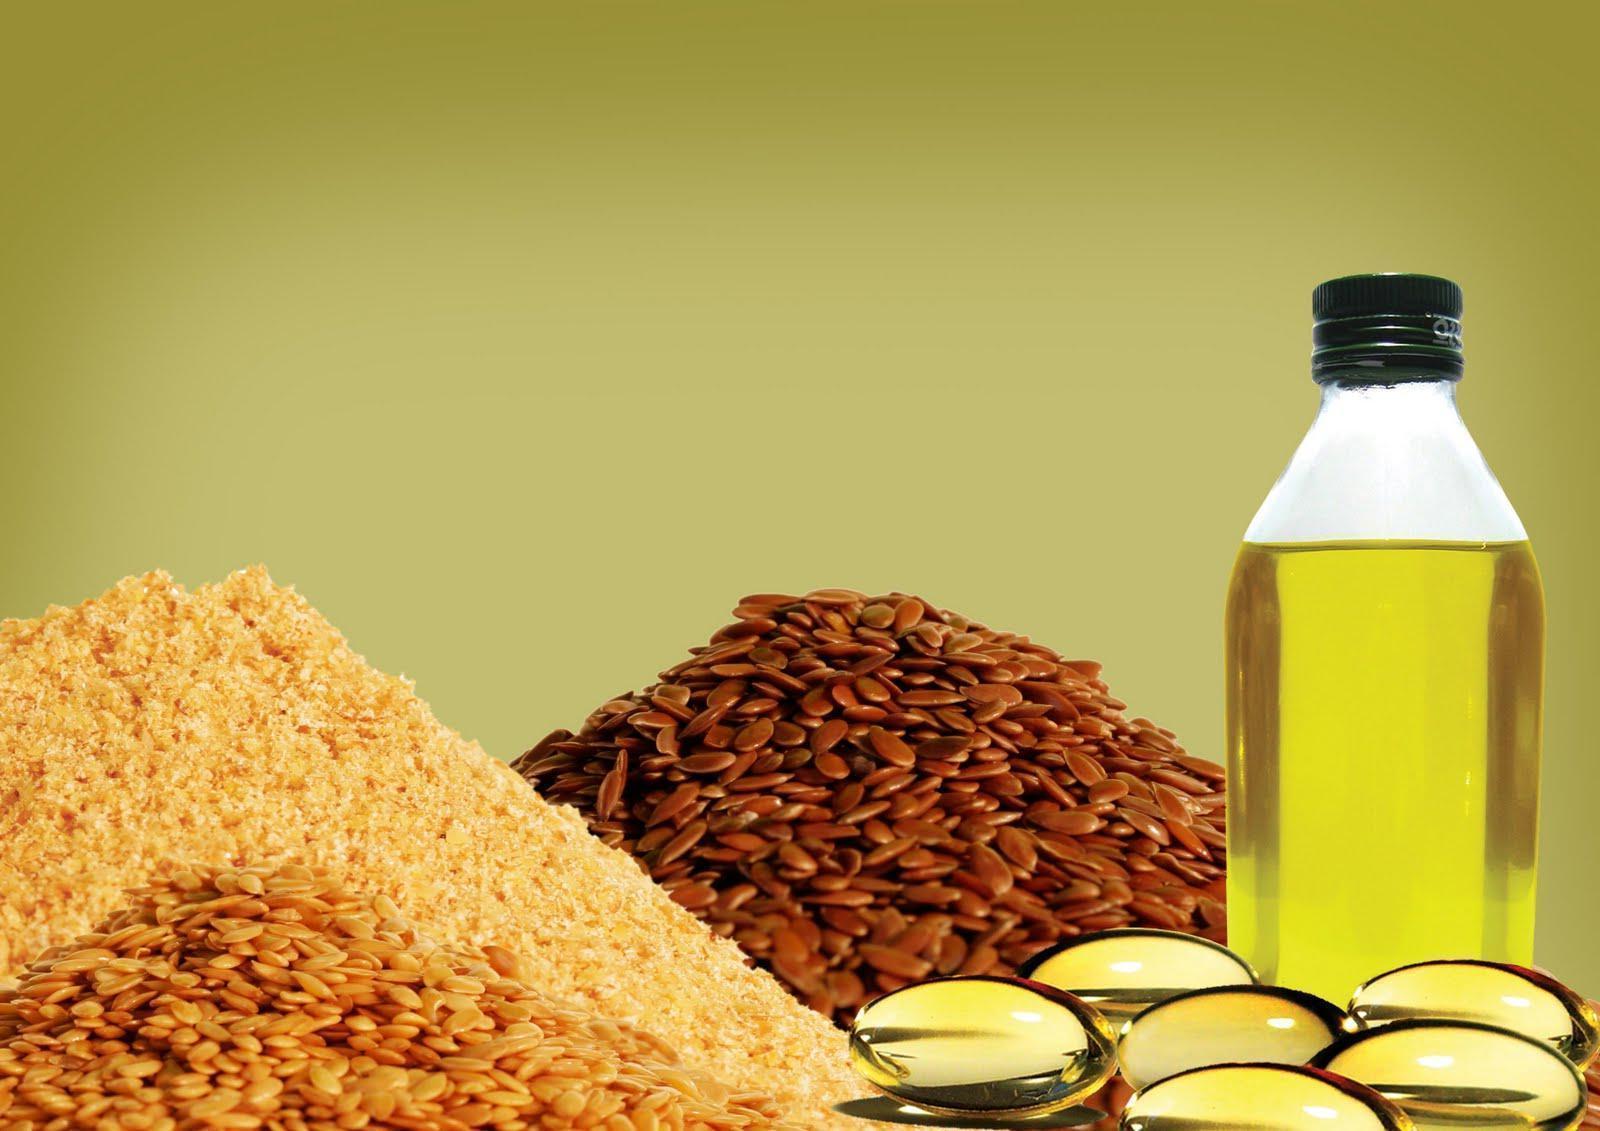 Ácidos Graxos Saturados na Dieta: Todos Aumentam o Colesterol?